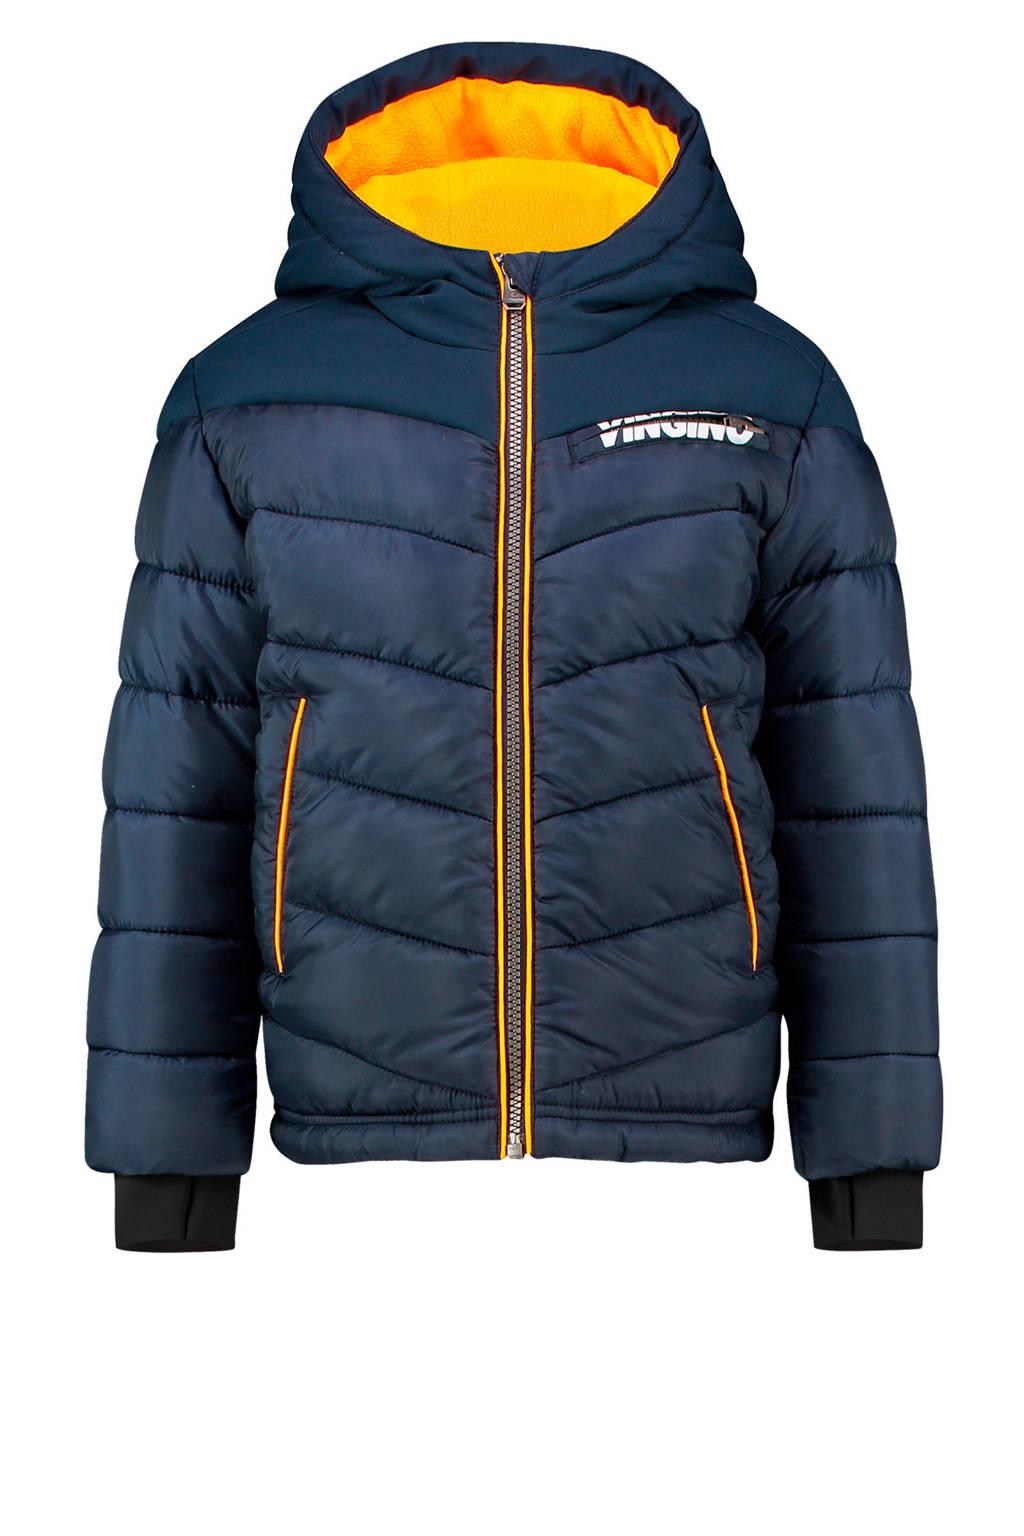 Vingino gewatteerde winterjas Tugra donkerblauw/oranje, Donkerblauw/oranje